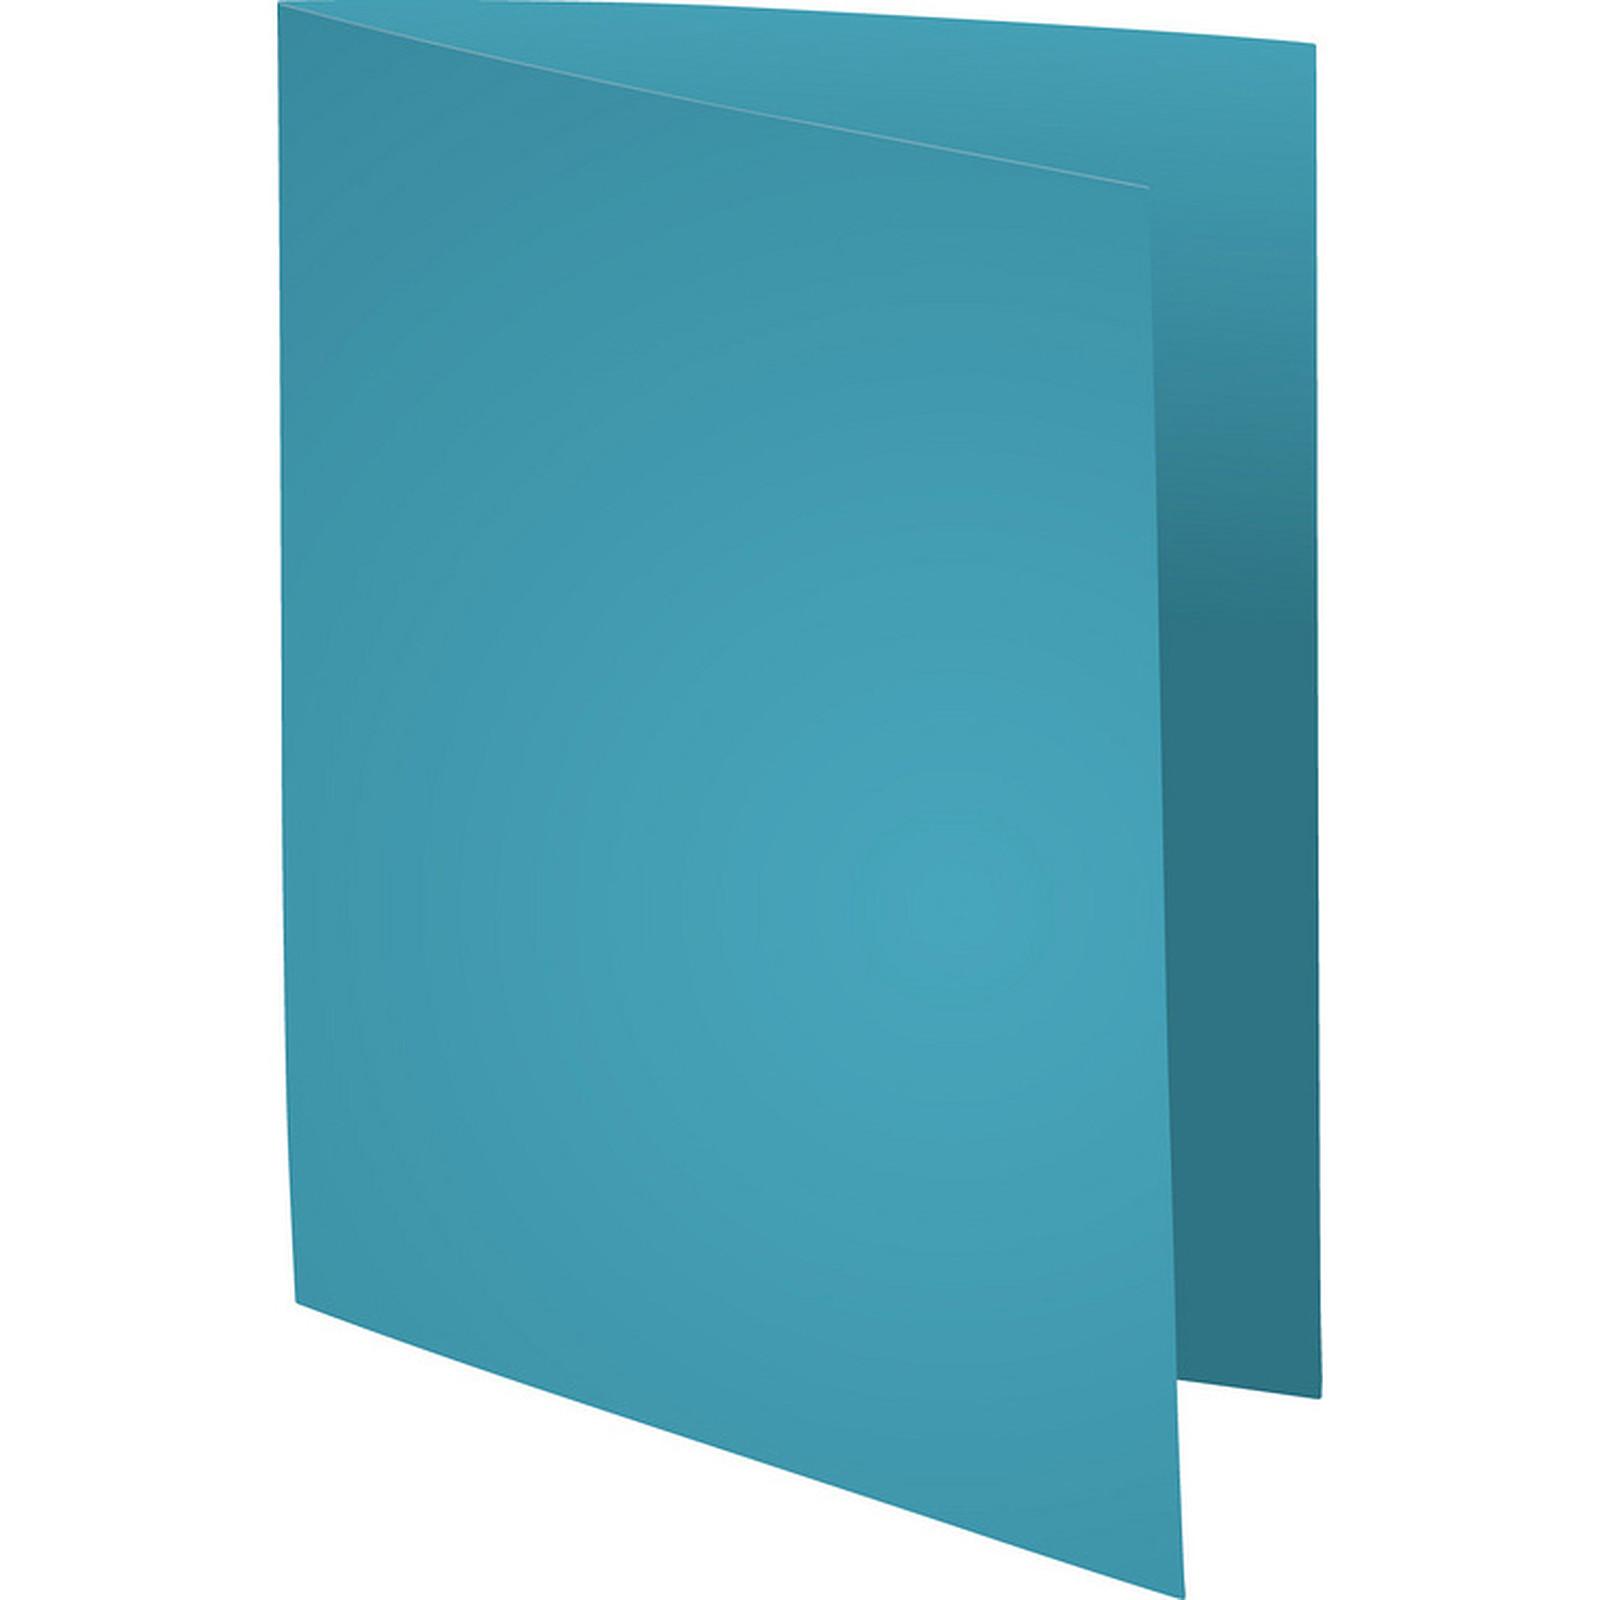 Exacompta Chemises Forever 170g Bleu clair x 100